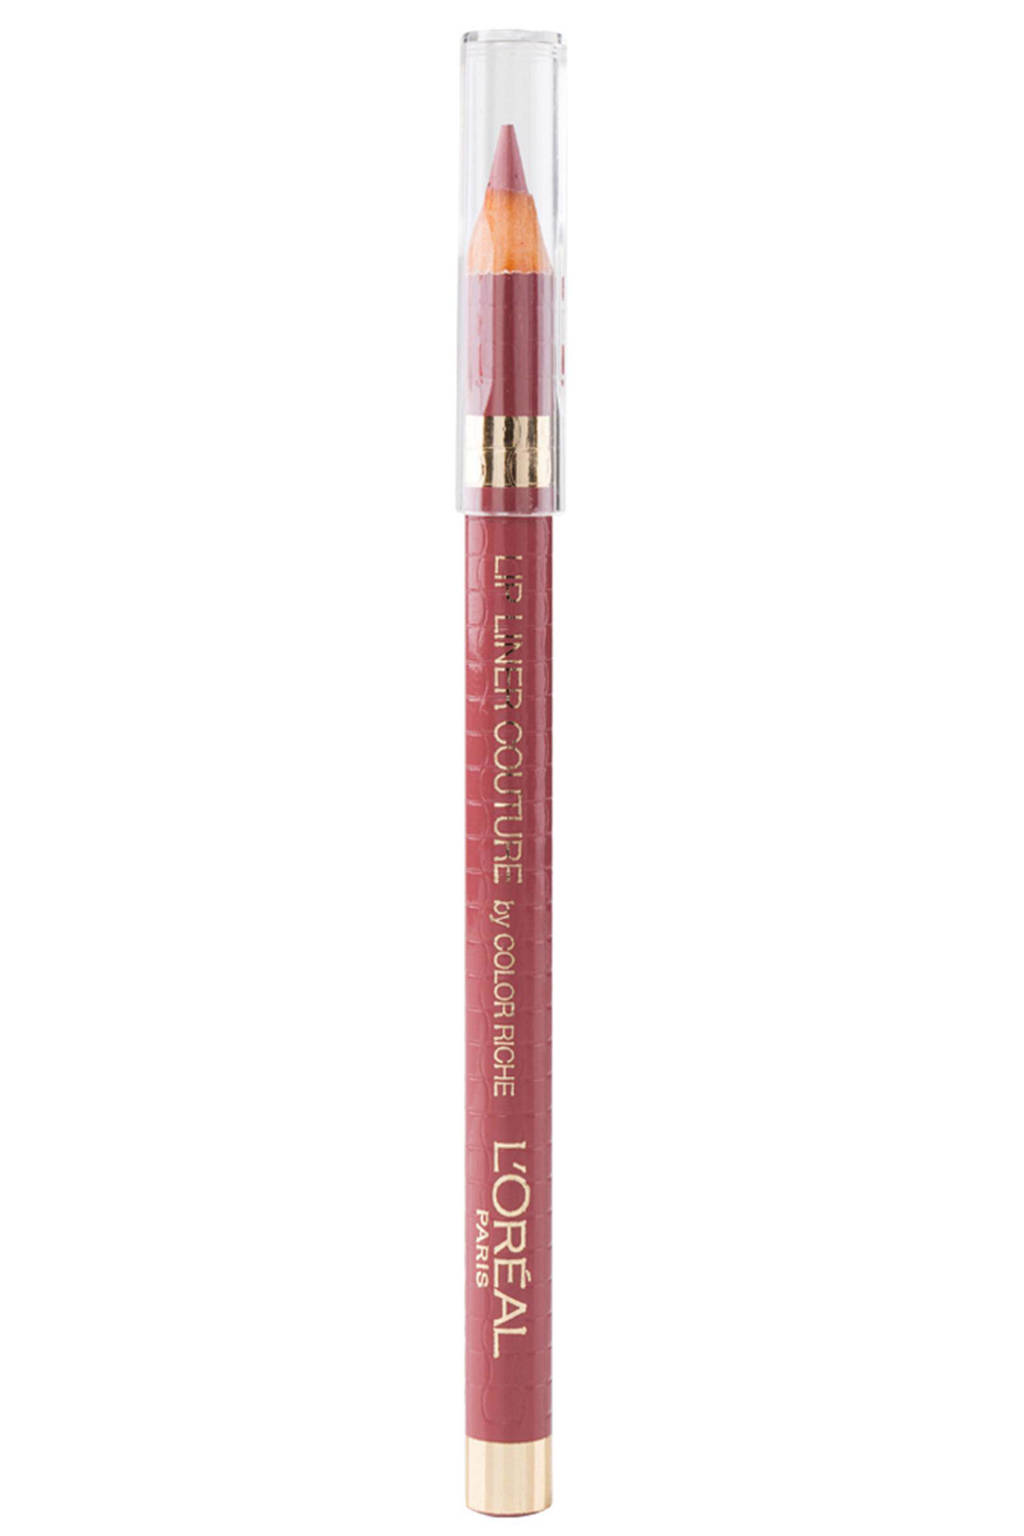 L'Oréal Paris Color Riche Couture 302 Bois de Ros - lippotlood, 302 Bois de Rose